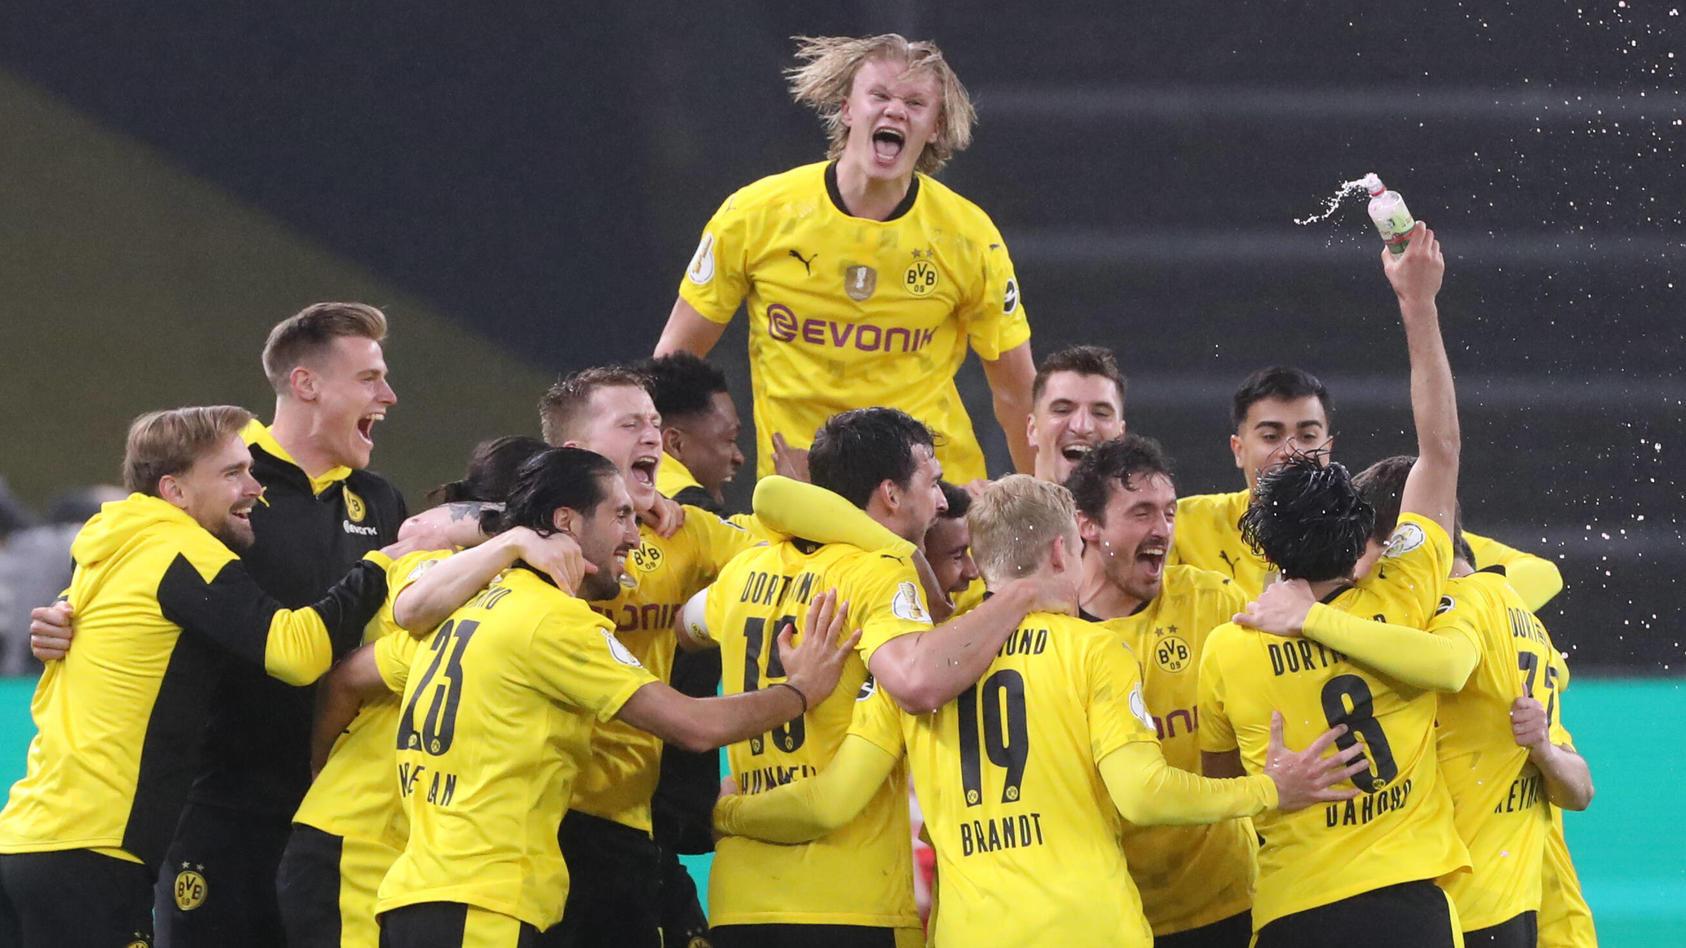 So sehen glückliche Sieger aus: Eine bedenkliche Saison findet ein besonderes Ende.